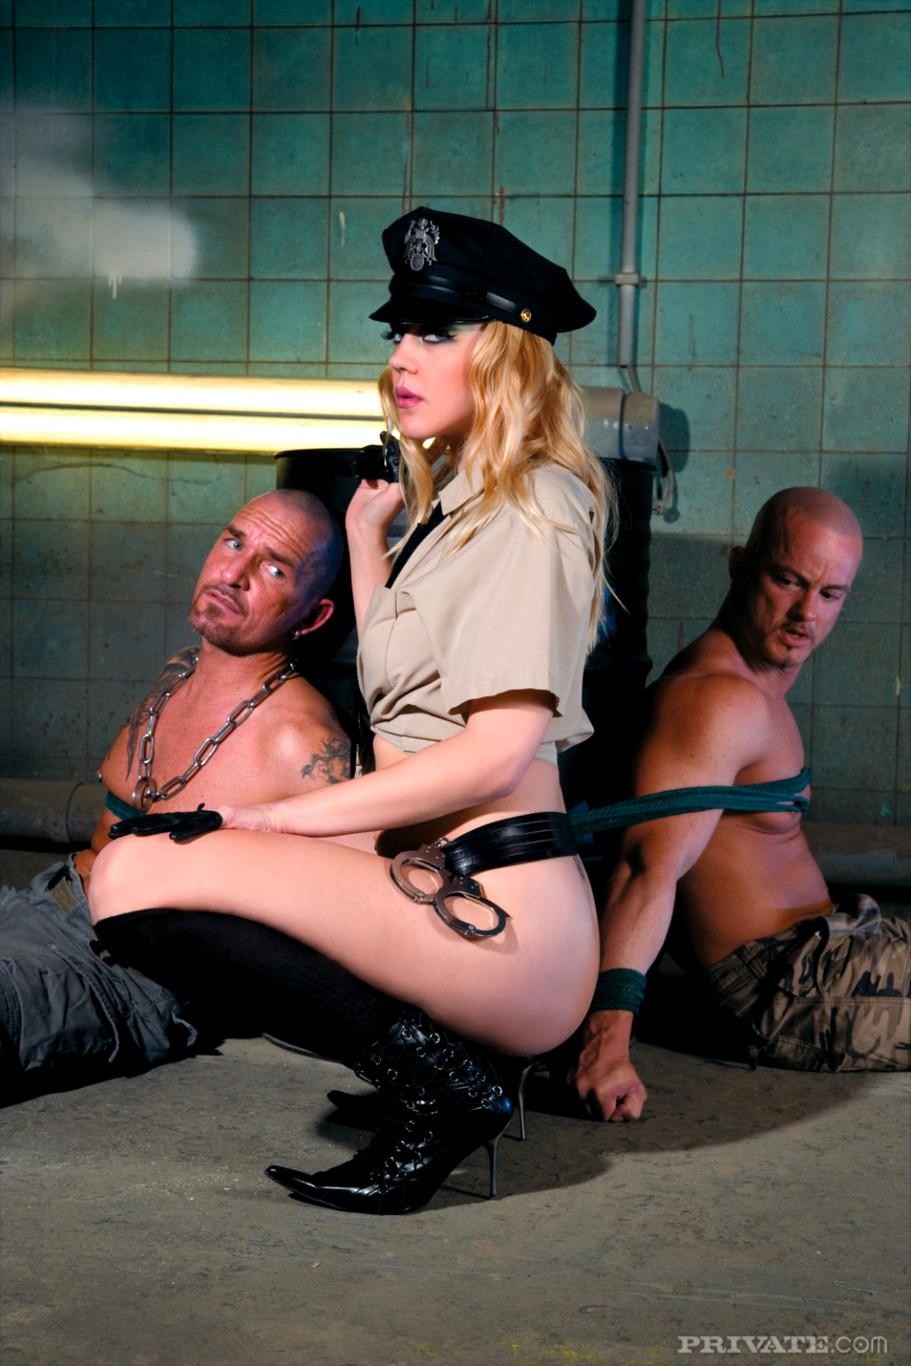 Good cop bad cop porn